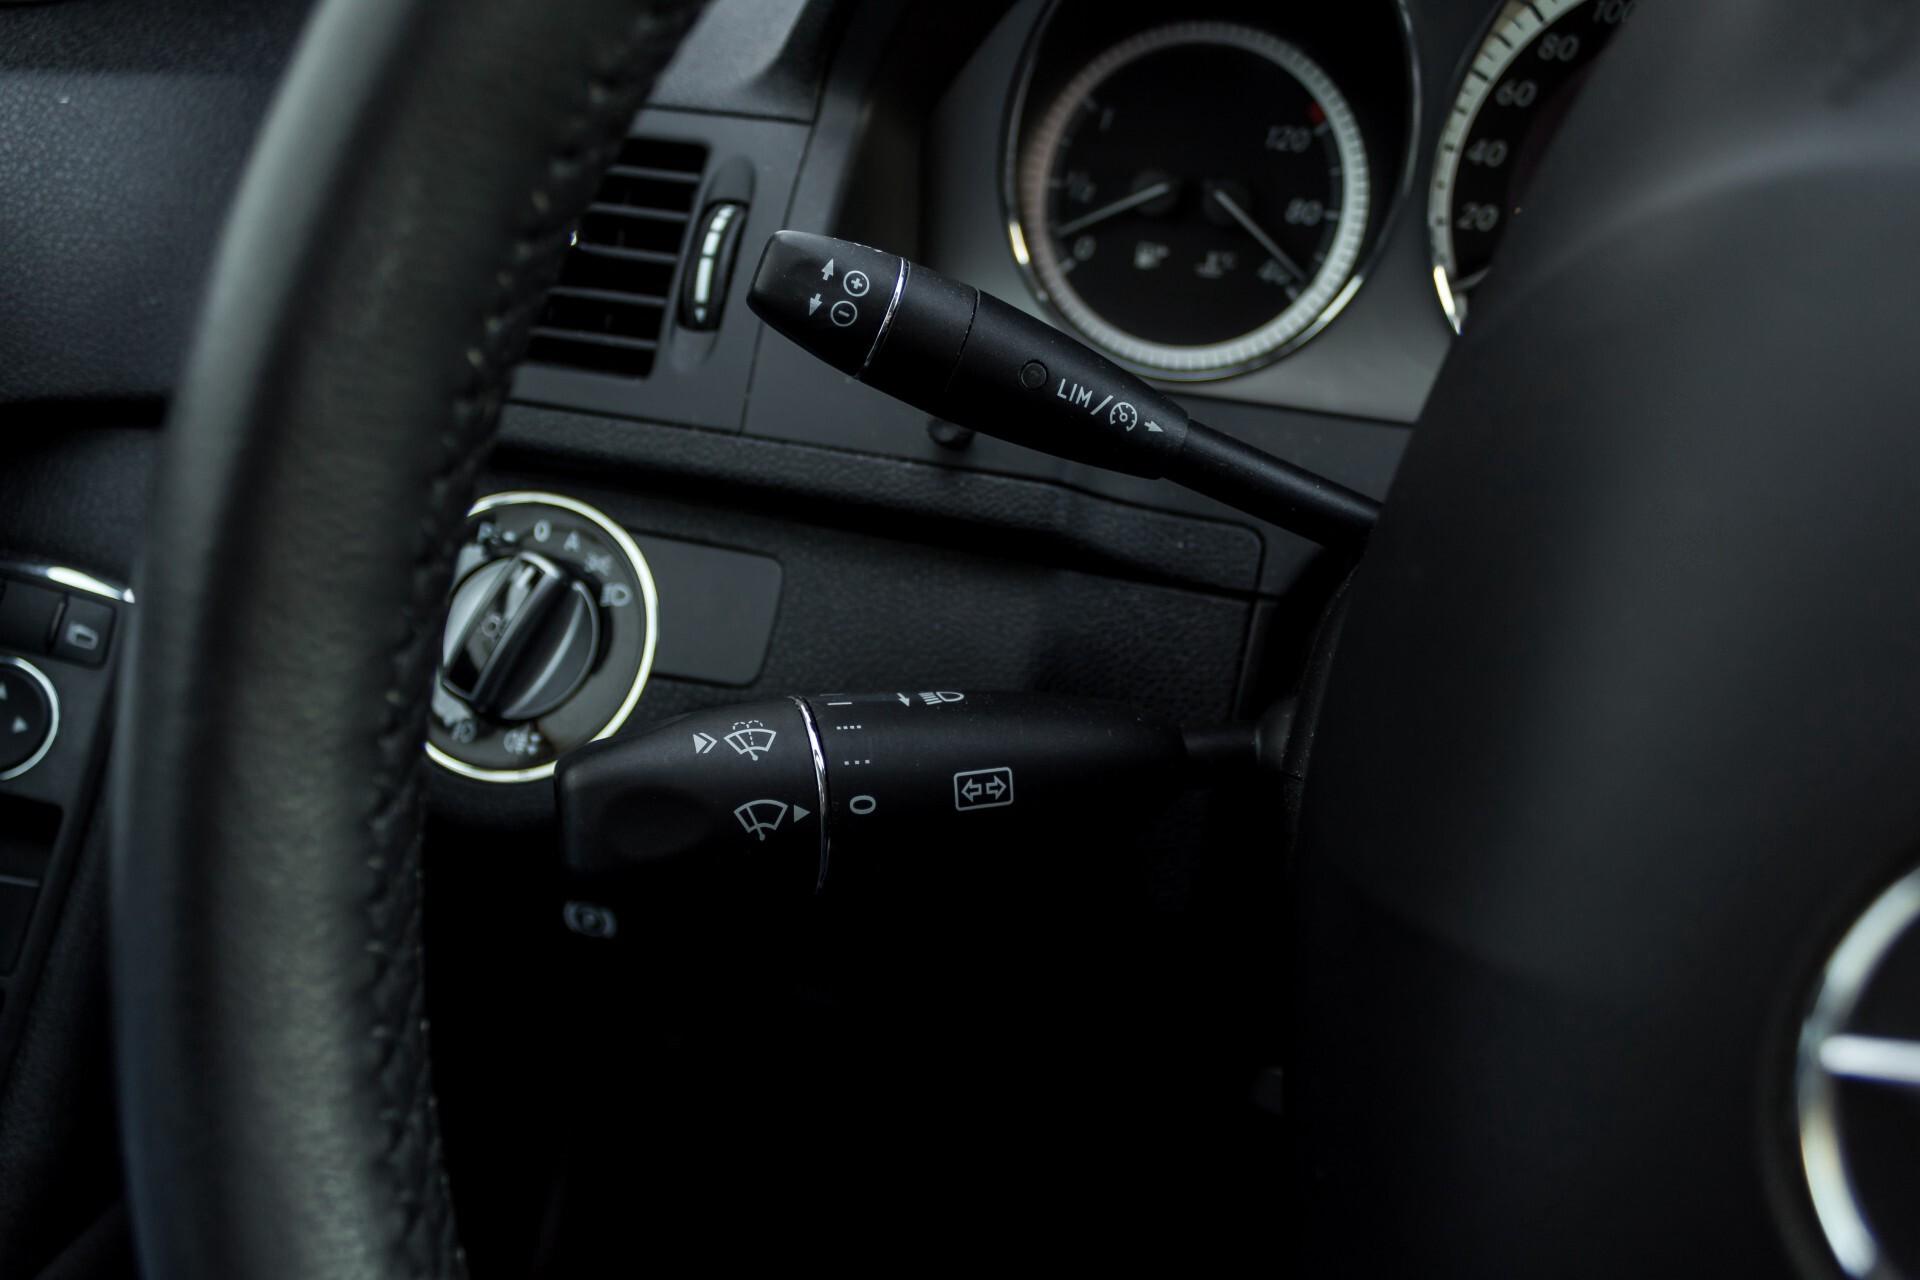 Mercedes-Benz C-Klasse 180 K Avantgarde 1ste eigenaar/NL geleverd/Dealer onderhouden/Volledig gedocumenteerd Foto 11